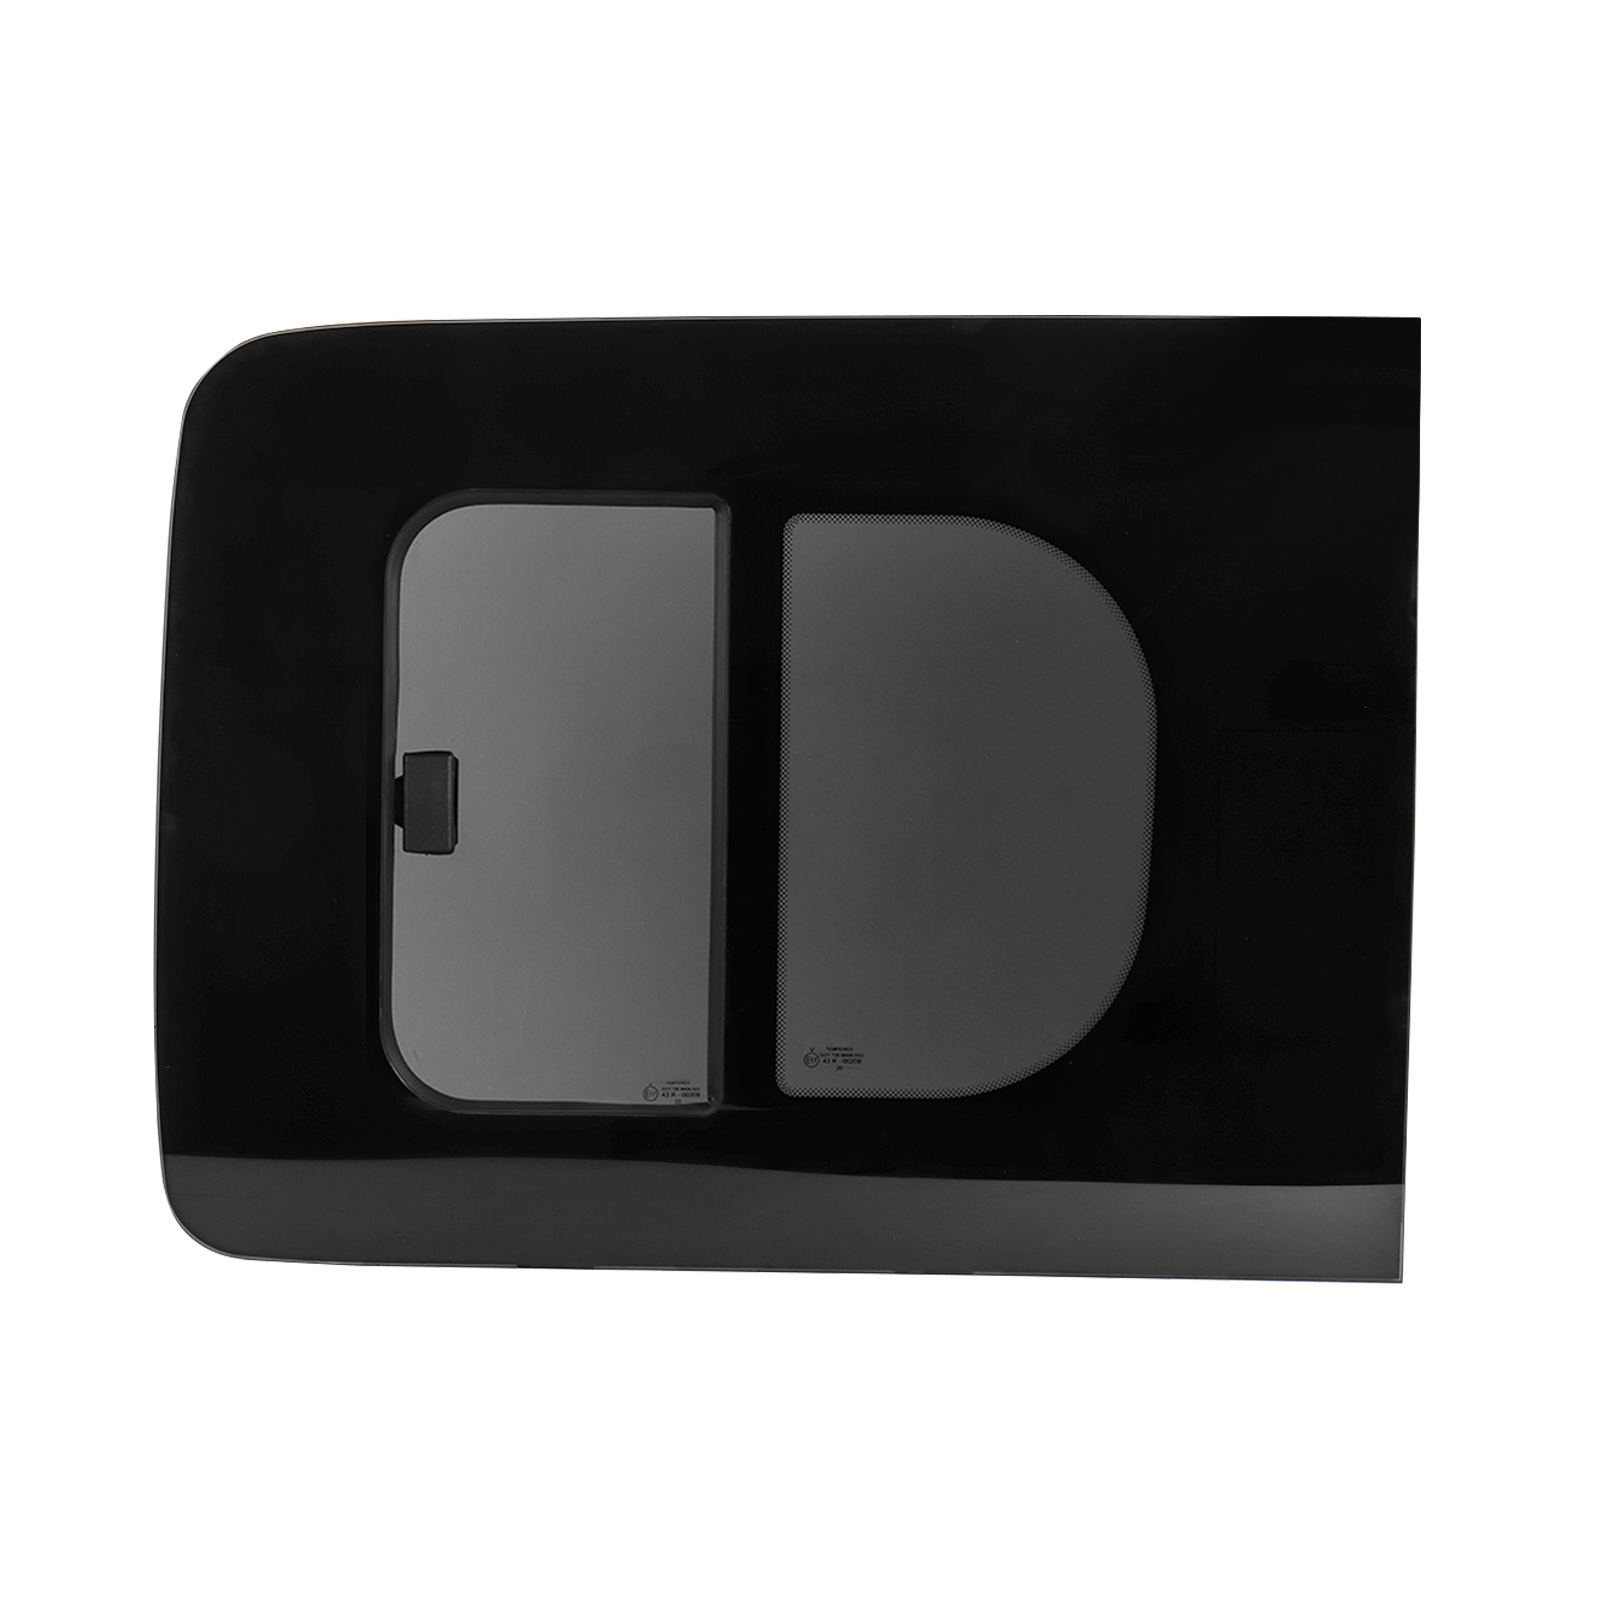 Schiebefenster Glasfenster für Caddy ab Bj. 08 links, Echtglas, ca 70,4x54,5 cm